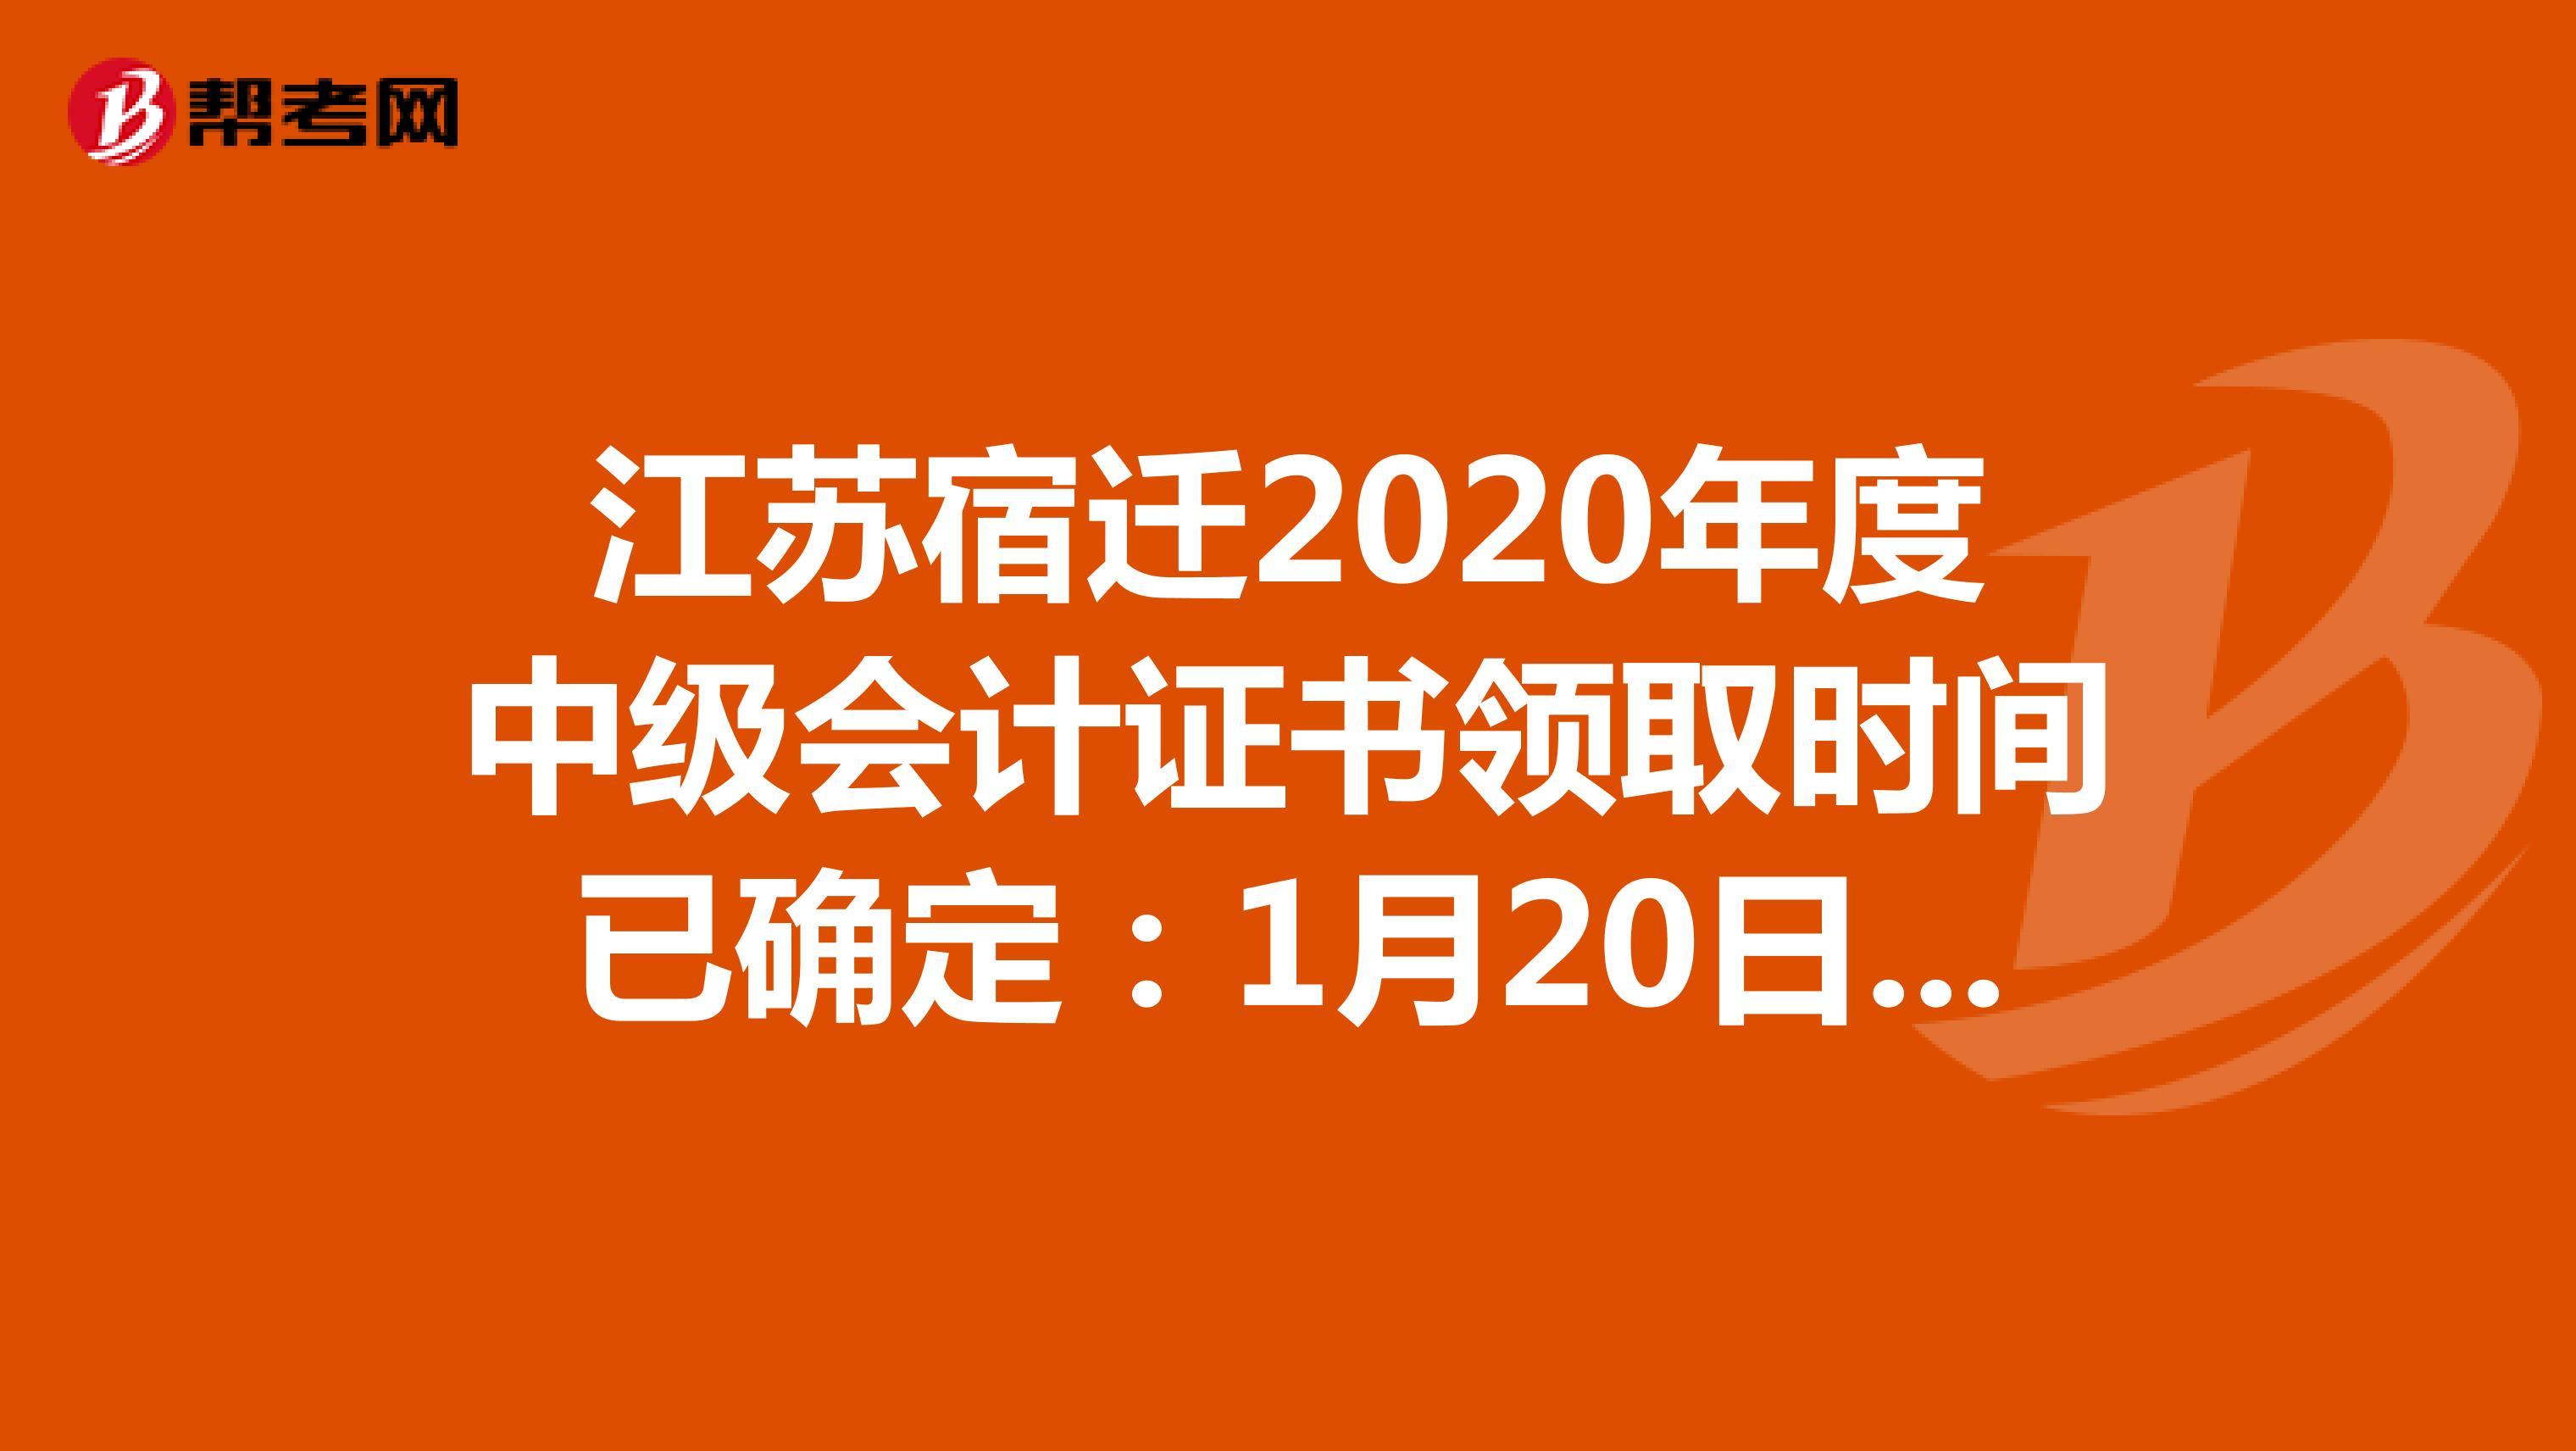 江苏宿迁2020年度中级会计证书领取时间已确定:1月20日开始